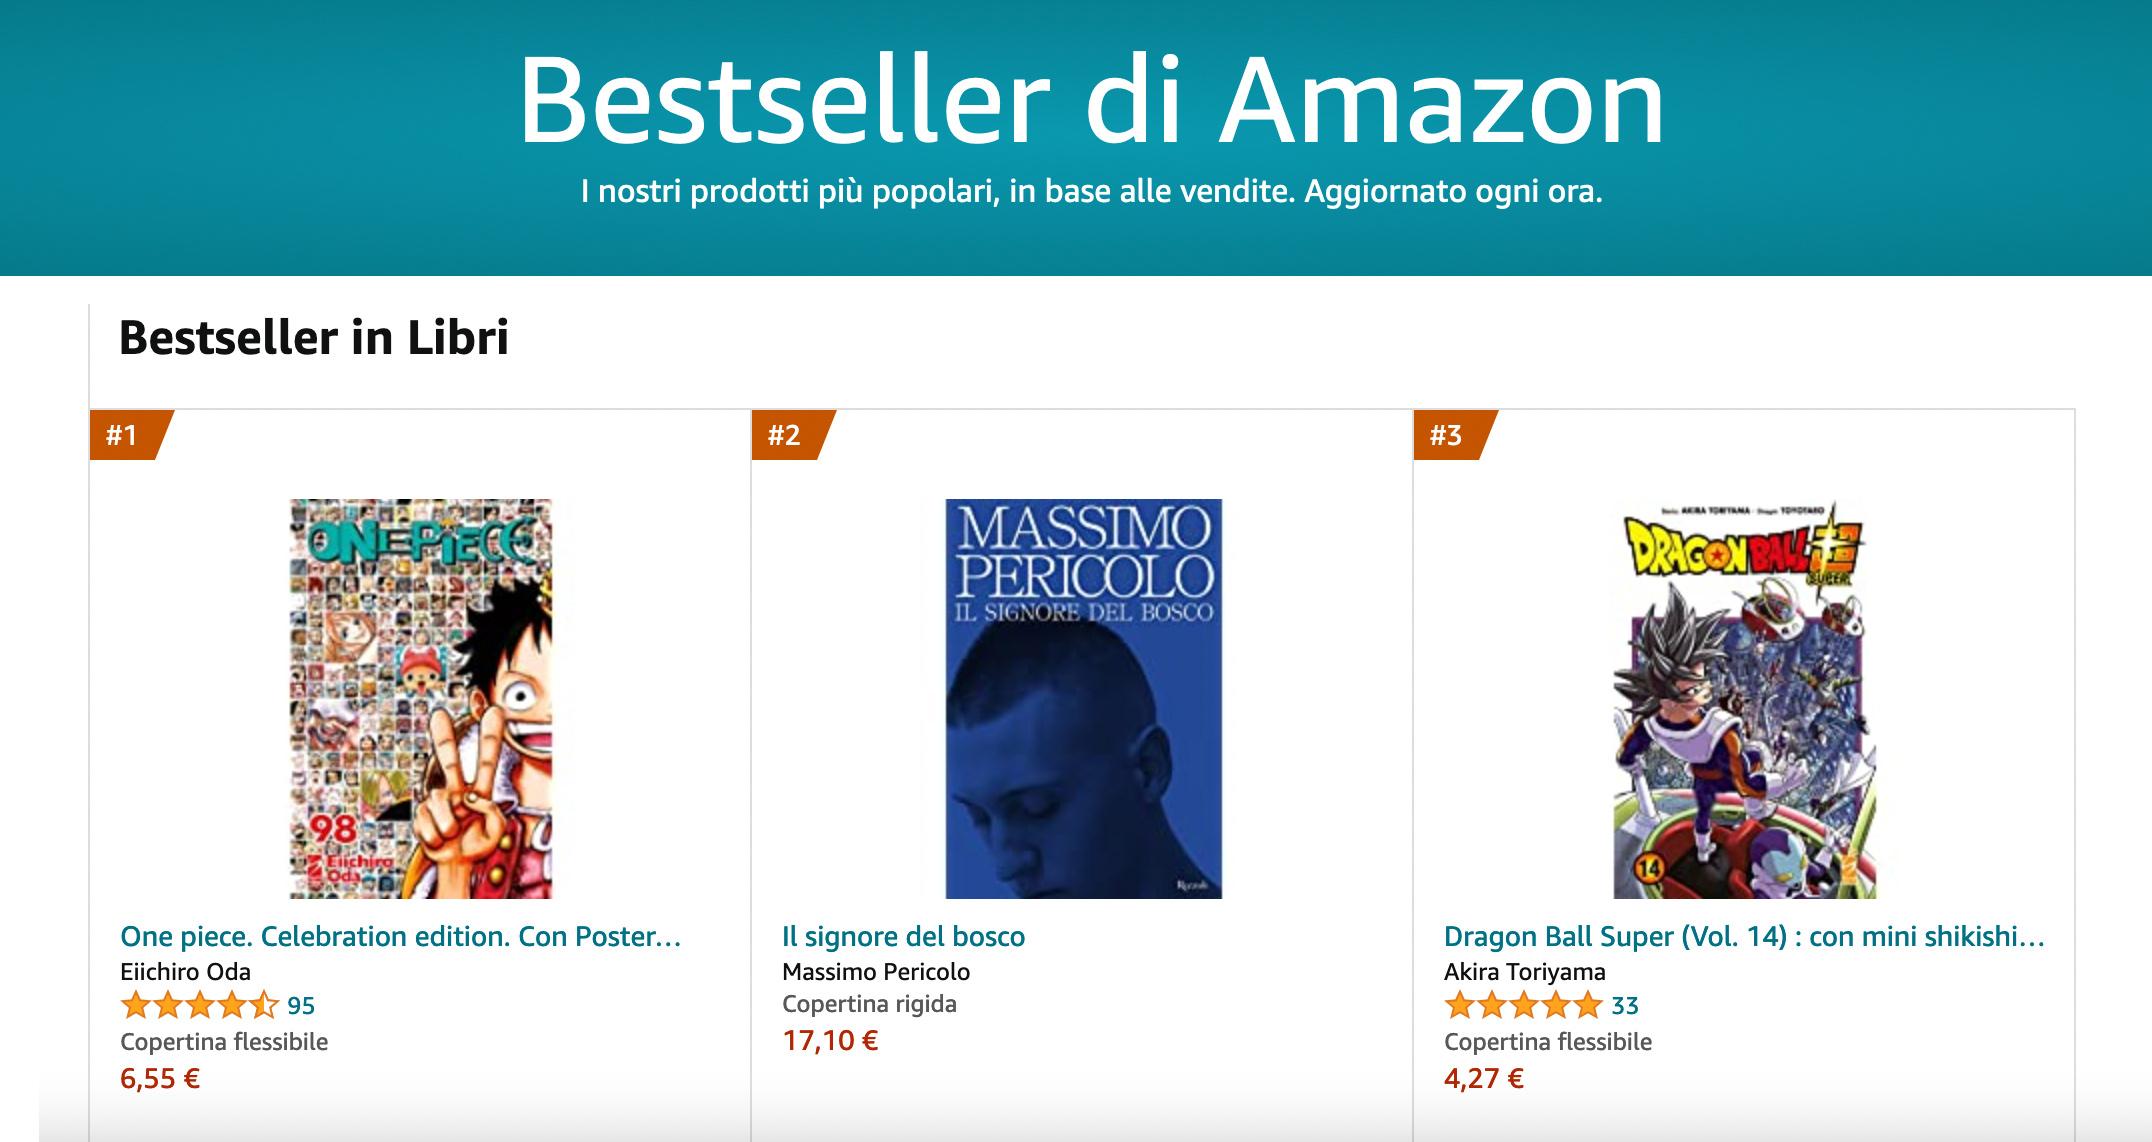 ONE PIECE 98 Celebration Edition è il libro più venduto su Amazon Italia